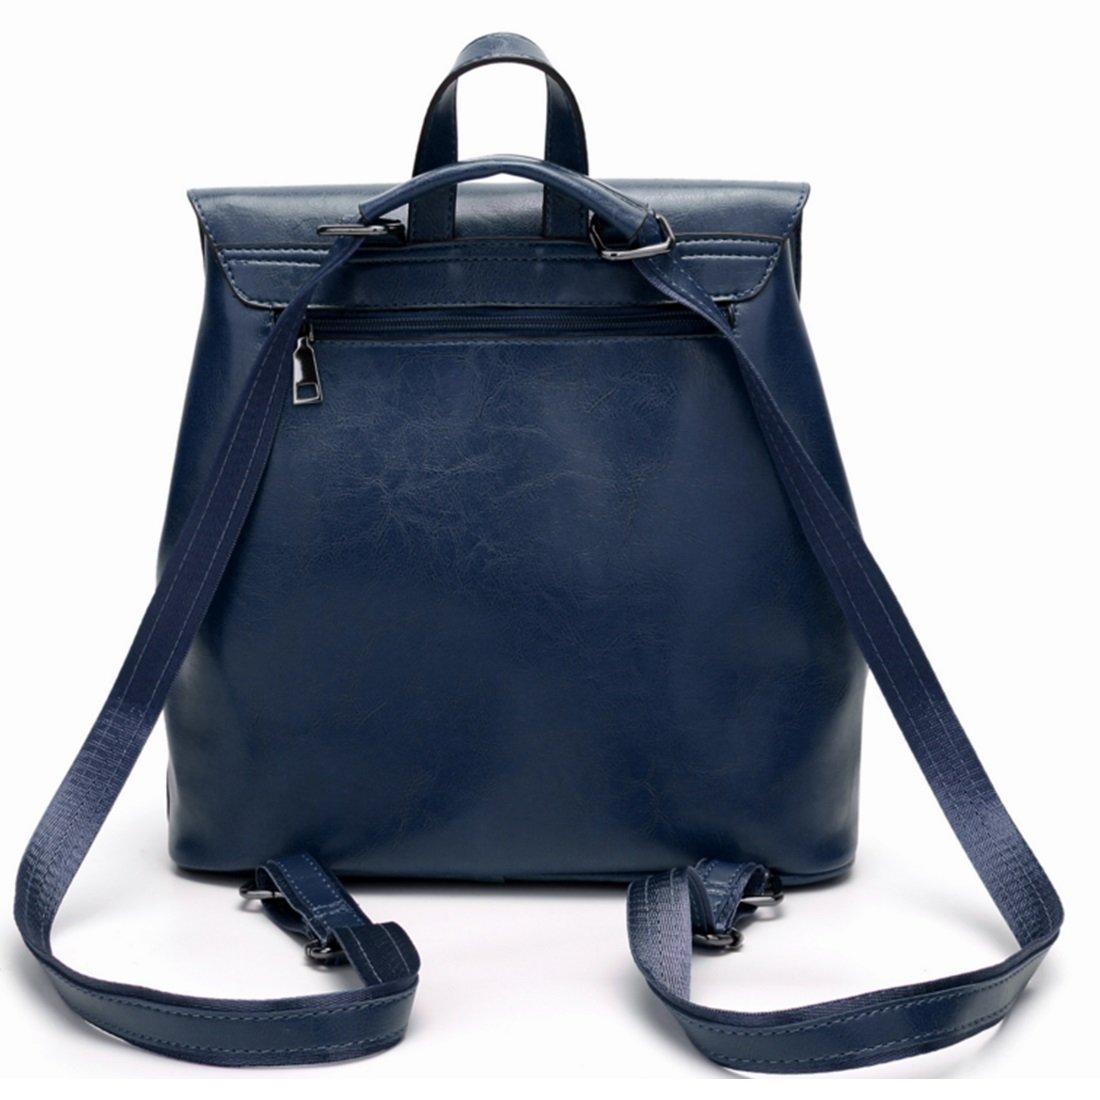 Frauen Weiche Lederhandtaschen Einzelner Schulterbeutel Leder